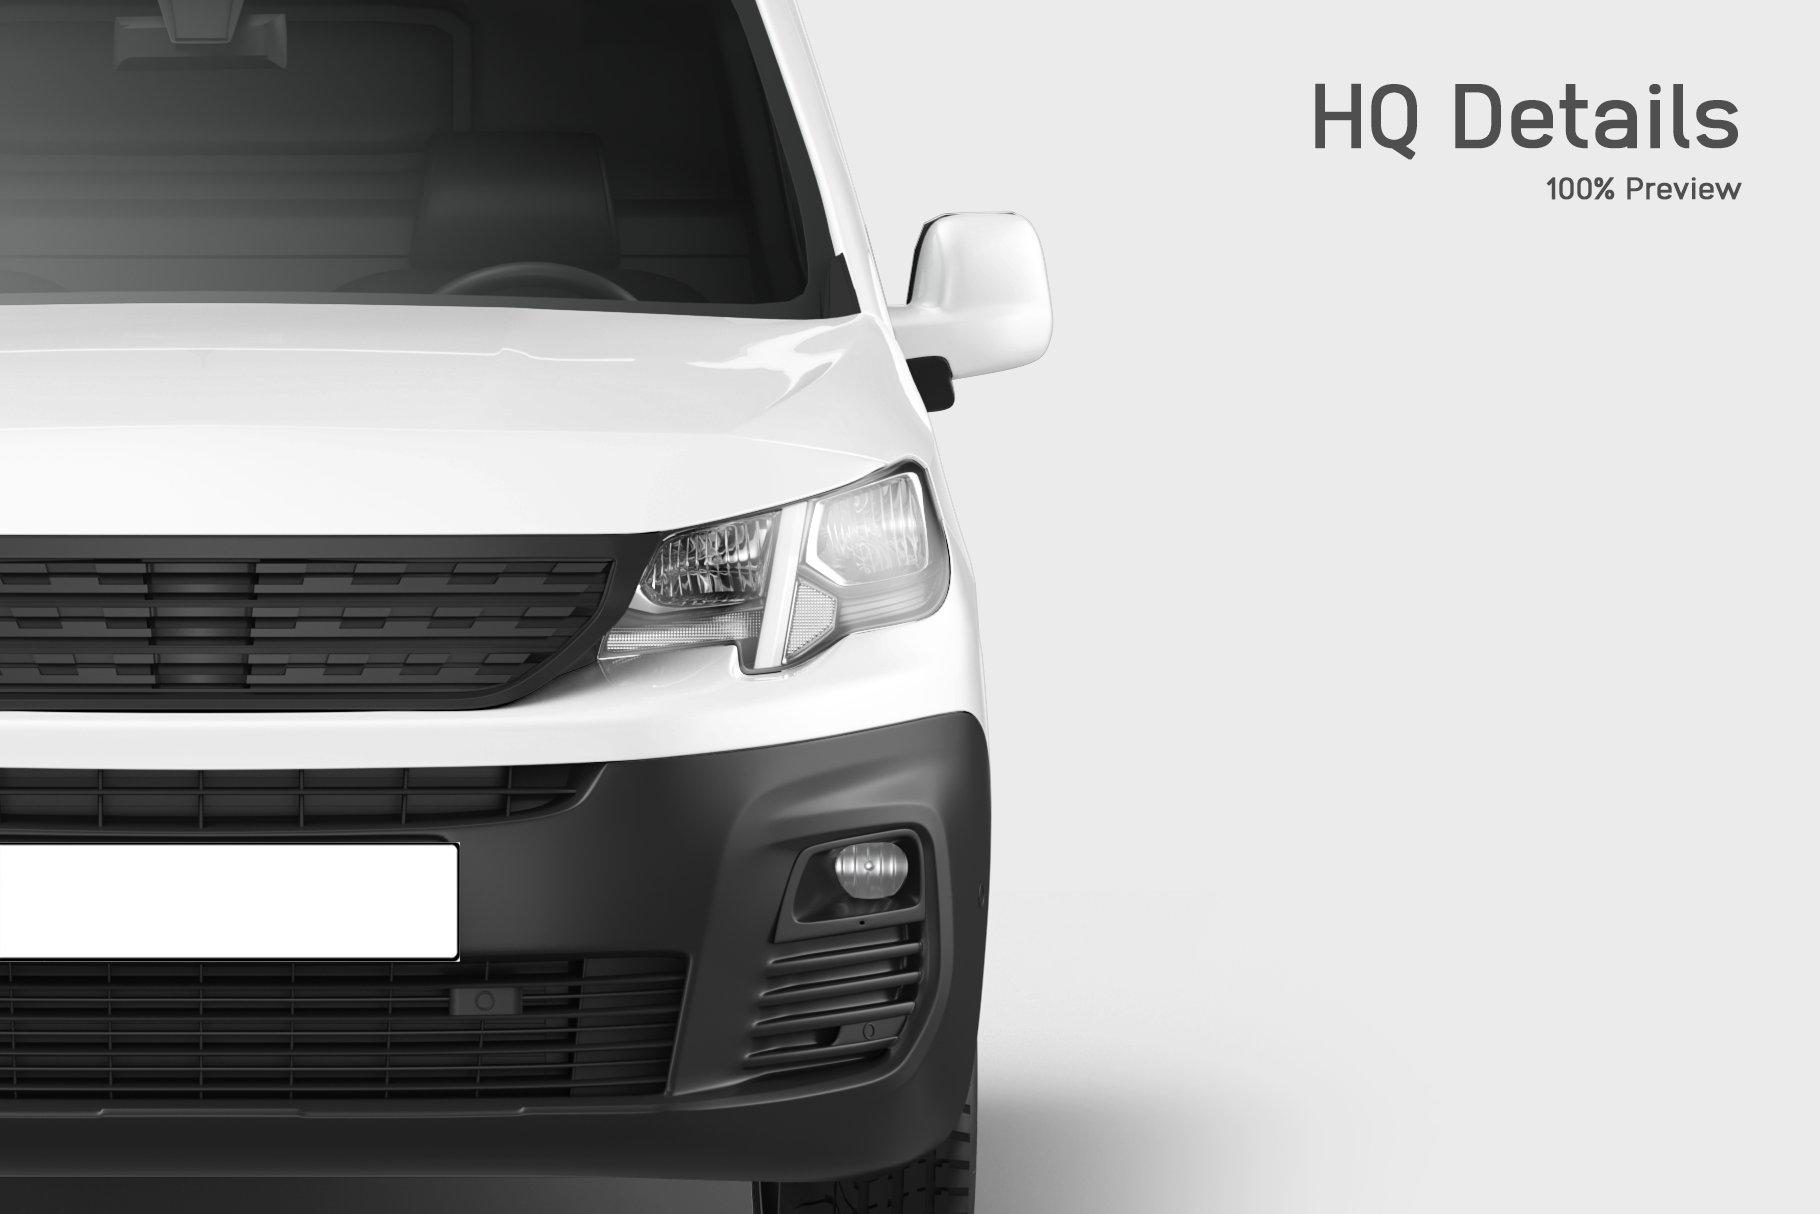 6款送货车面包车车身广告设计展示贴图样机 Delivery Car Mockup 5插图1